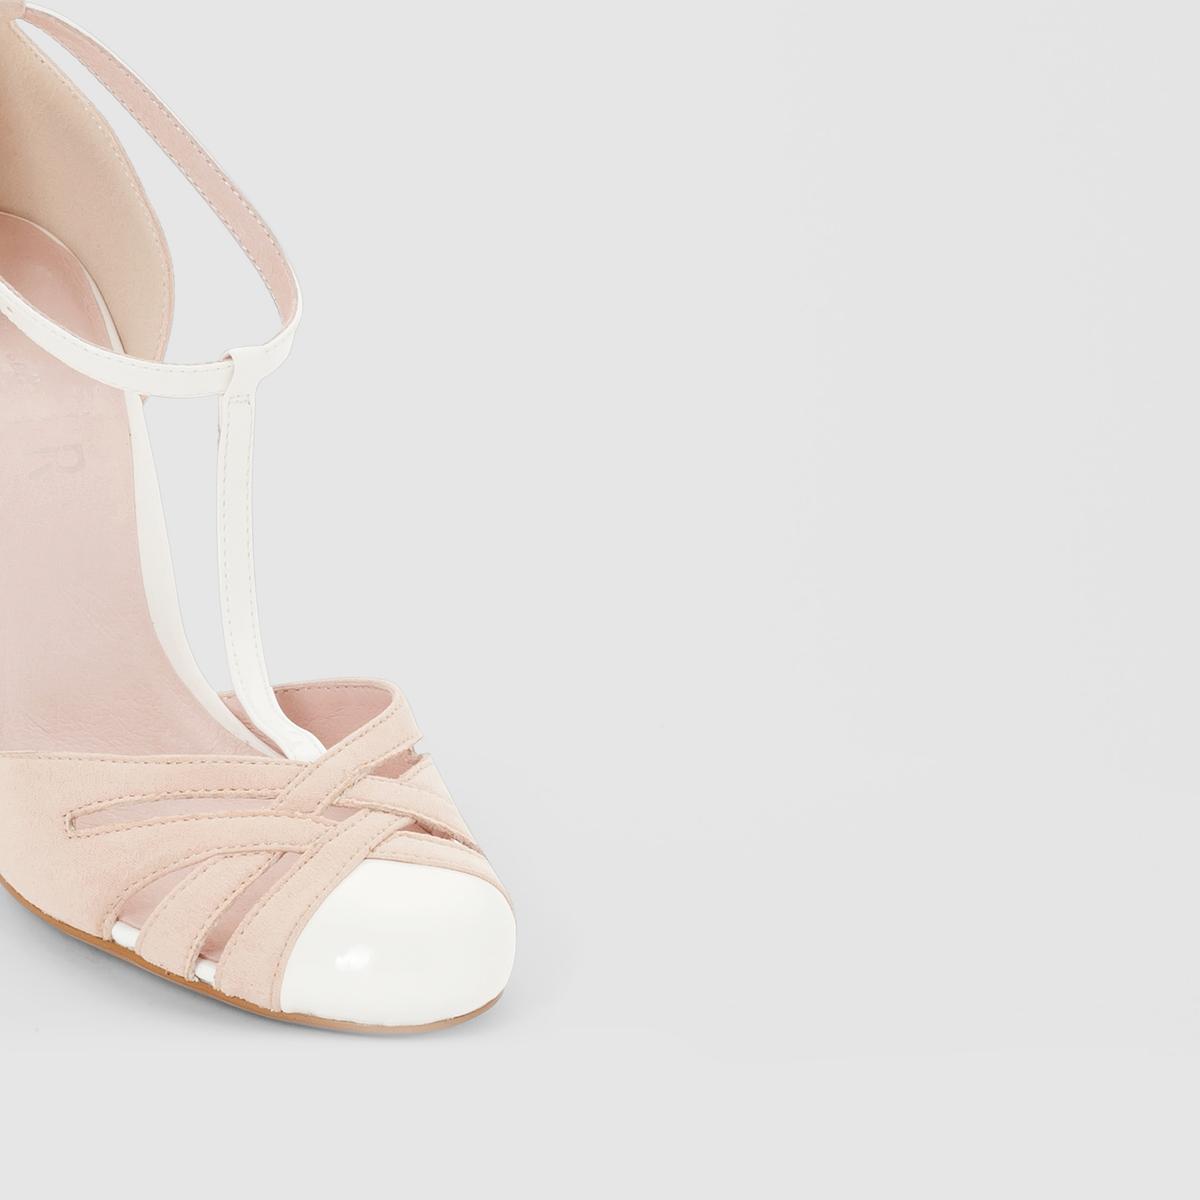 Туфли из синтетикиДетали  •  Каблук-шпилька •  Застежка : ремешок/пряжка •  Круглый мысок •  ЛакированныеСостав и уход  •  Верх 100% синтетический материал •  Подкладка 100% кожа<br><br>Цвет: белый<br>Размер: 41.39.36.37.38